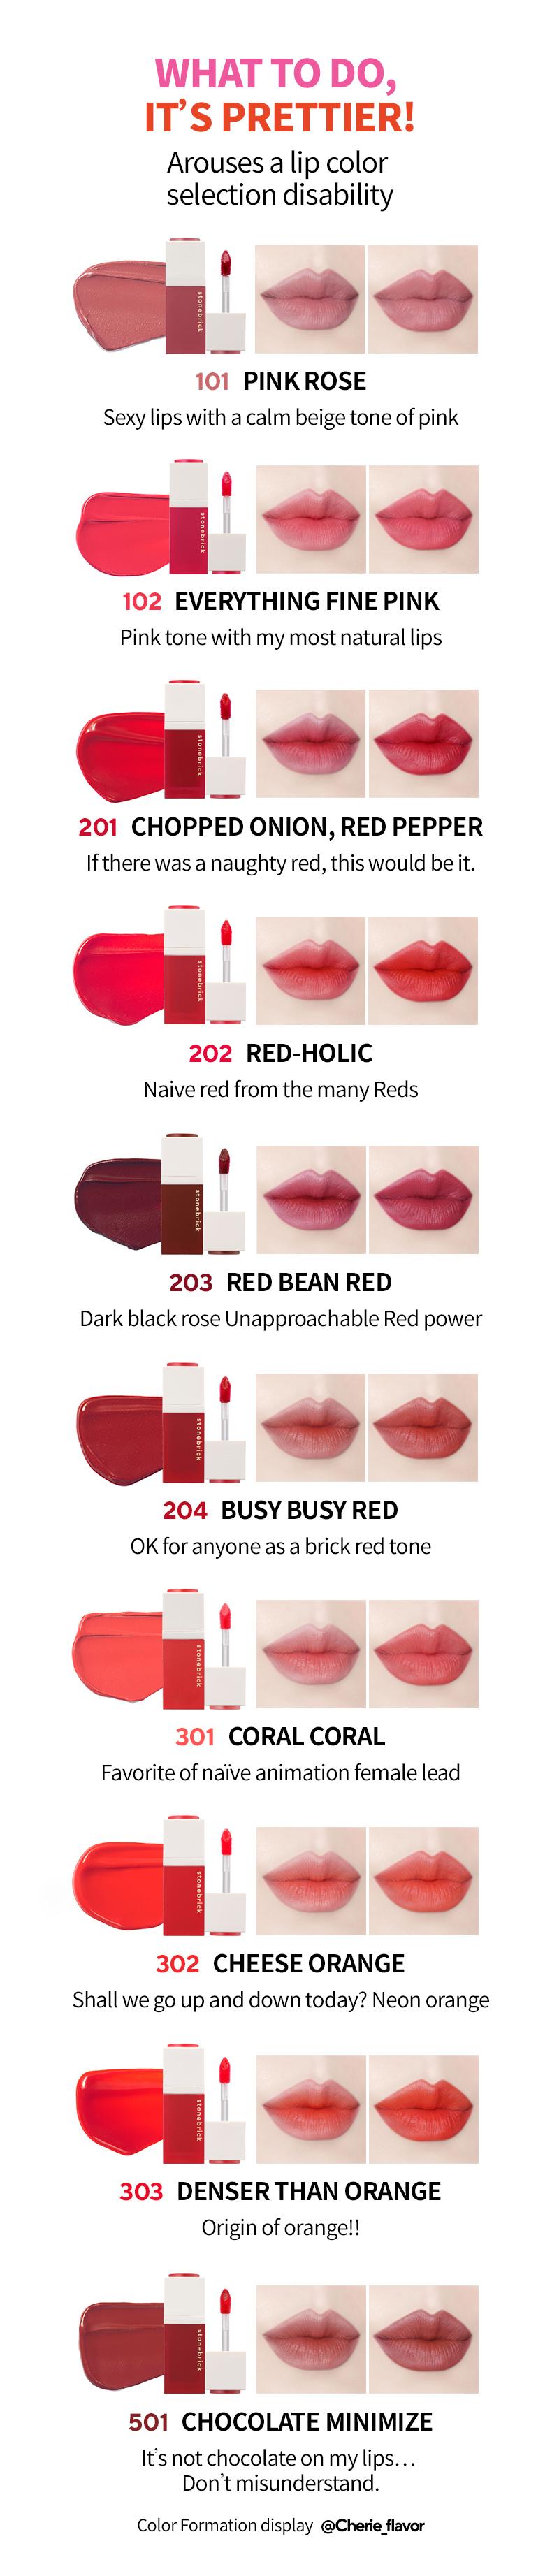 stonebrick-Lacquer-Tint-Lipstix-4-Colors-5-5g-Product-Description-03